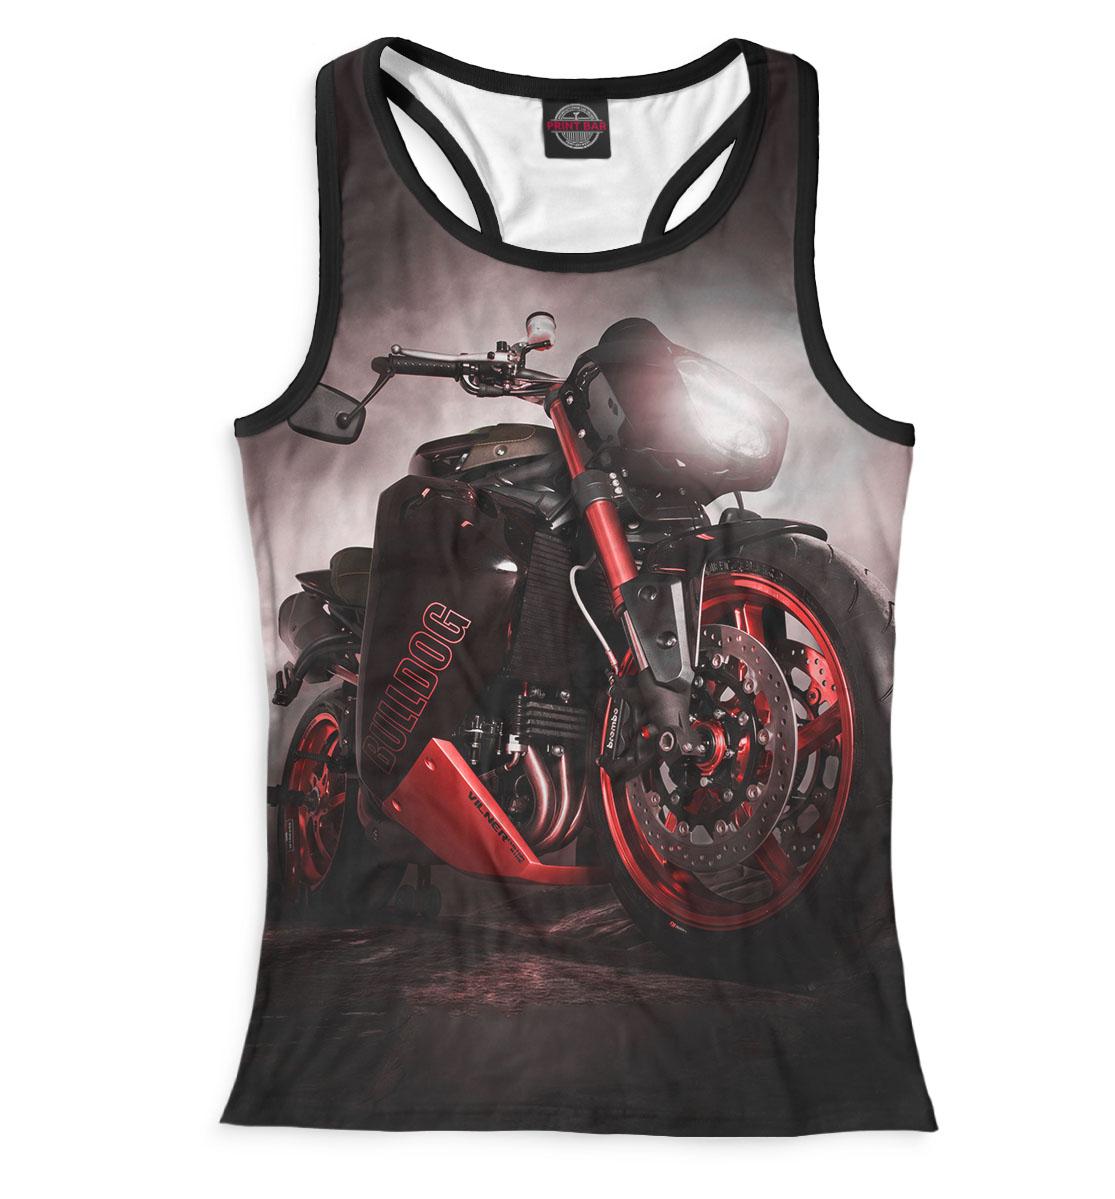 Купить Мотоцикл, Printbar, Майки борцовки, MTR-245010-mayb-1